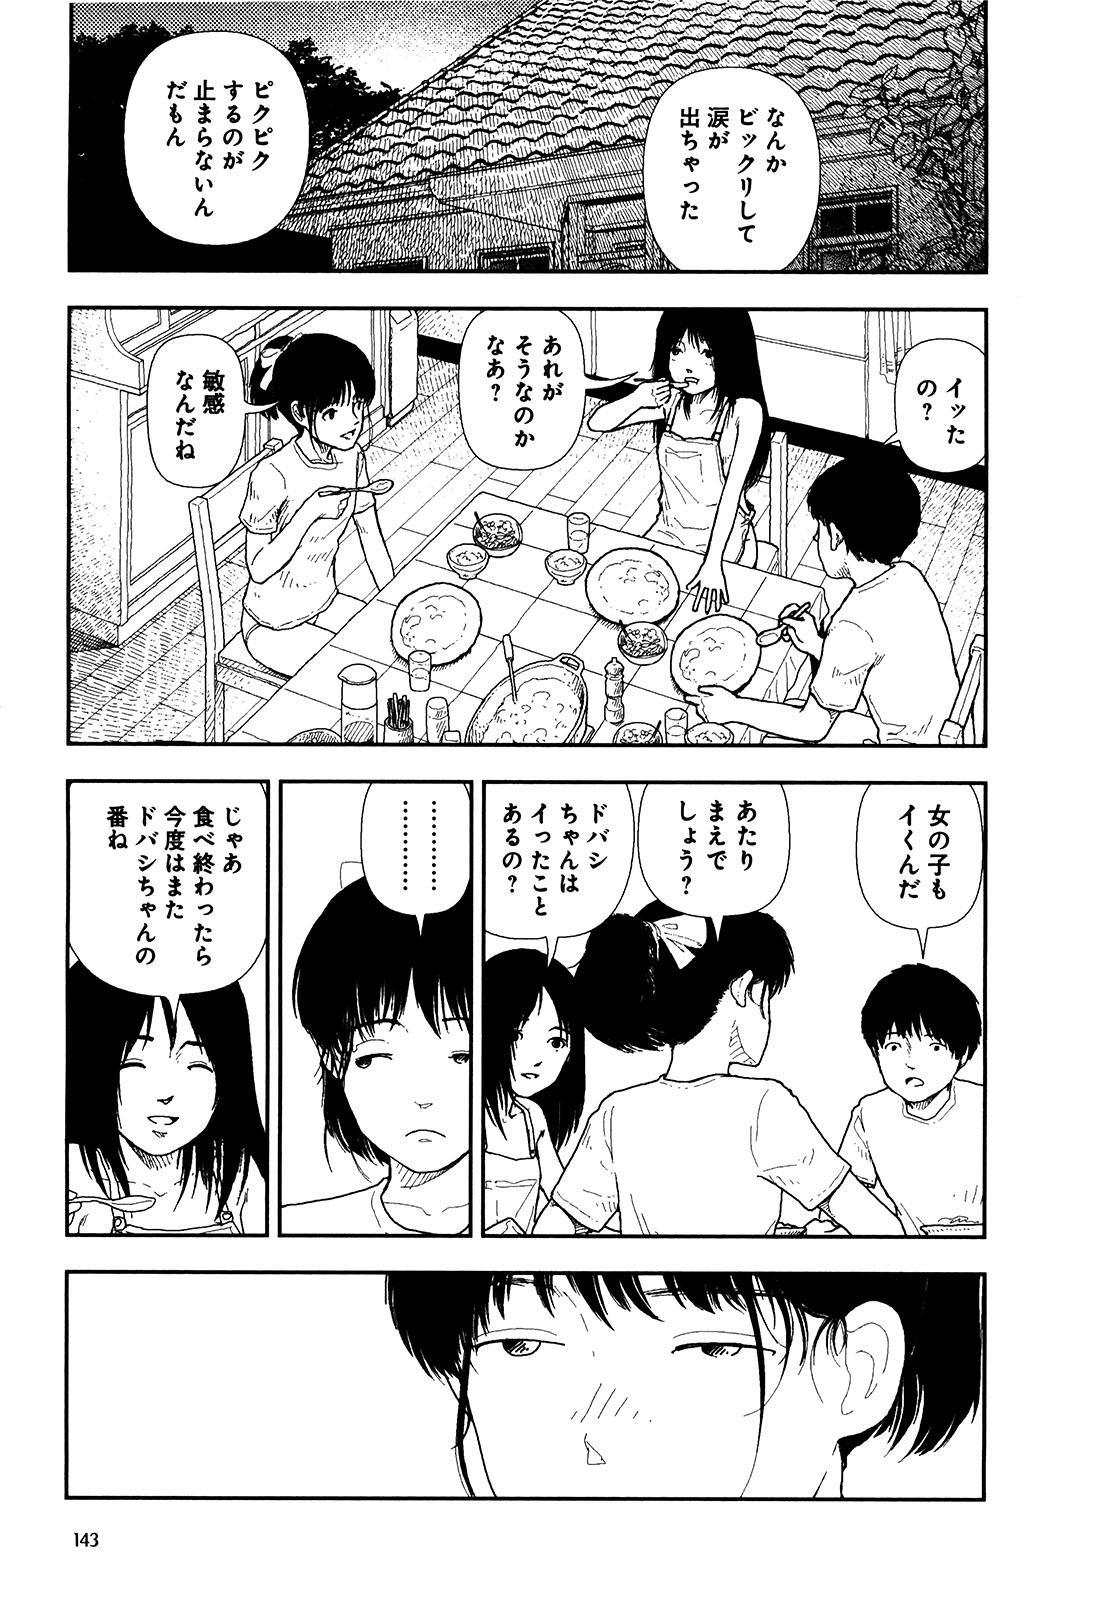 Bunkou no Hitotachi 1 144